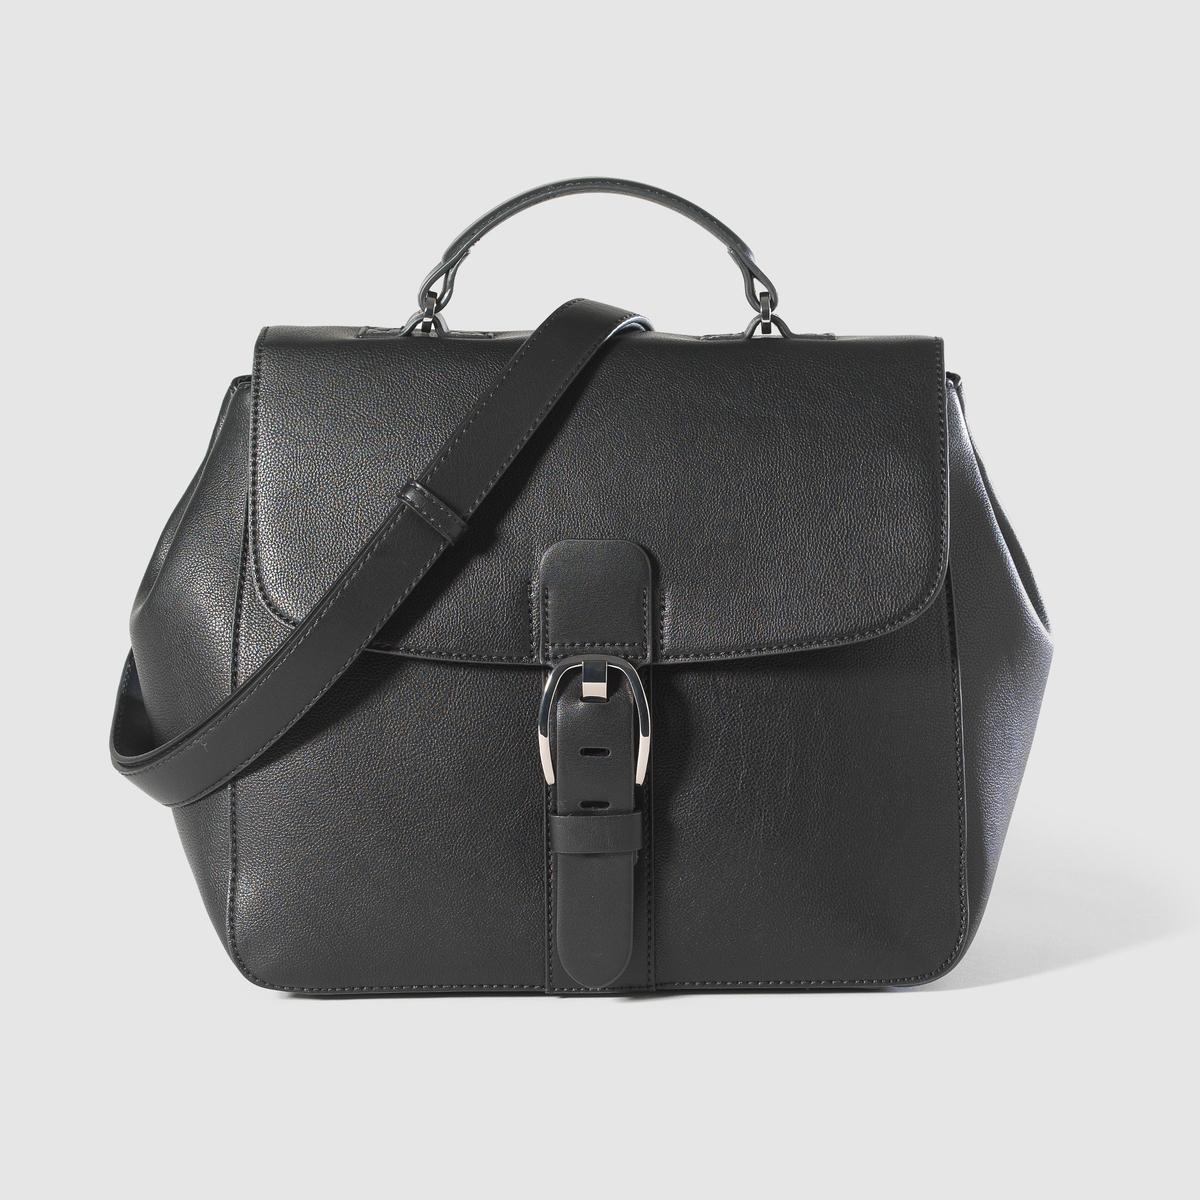 Сумка с пряжкой, ILANA CITY BAGМарка : ESPRIT.Разм: 25,5 x 30 x 14 смВерх : 100% полиэстераПодкладка : 100% полиэстераЗастежка : пряжкаКарманы : 1 внутренний карман и задний карман на молнииПлечевой ремень : 1 ручкаПреимущества : очень практичная сумка благодаря своему размеру, застёжке на пряжку и заднему карману на молнию.<br><br>Цвет: черный<br>Размер: единый размер